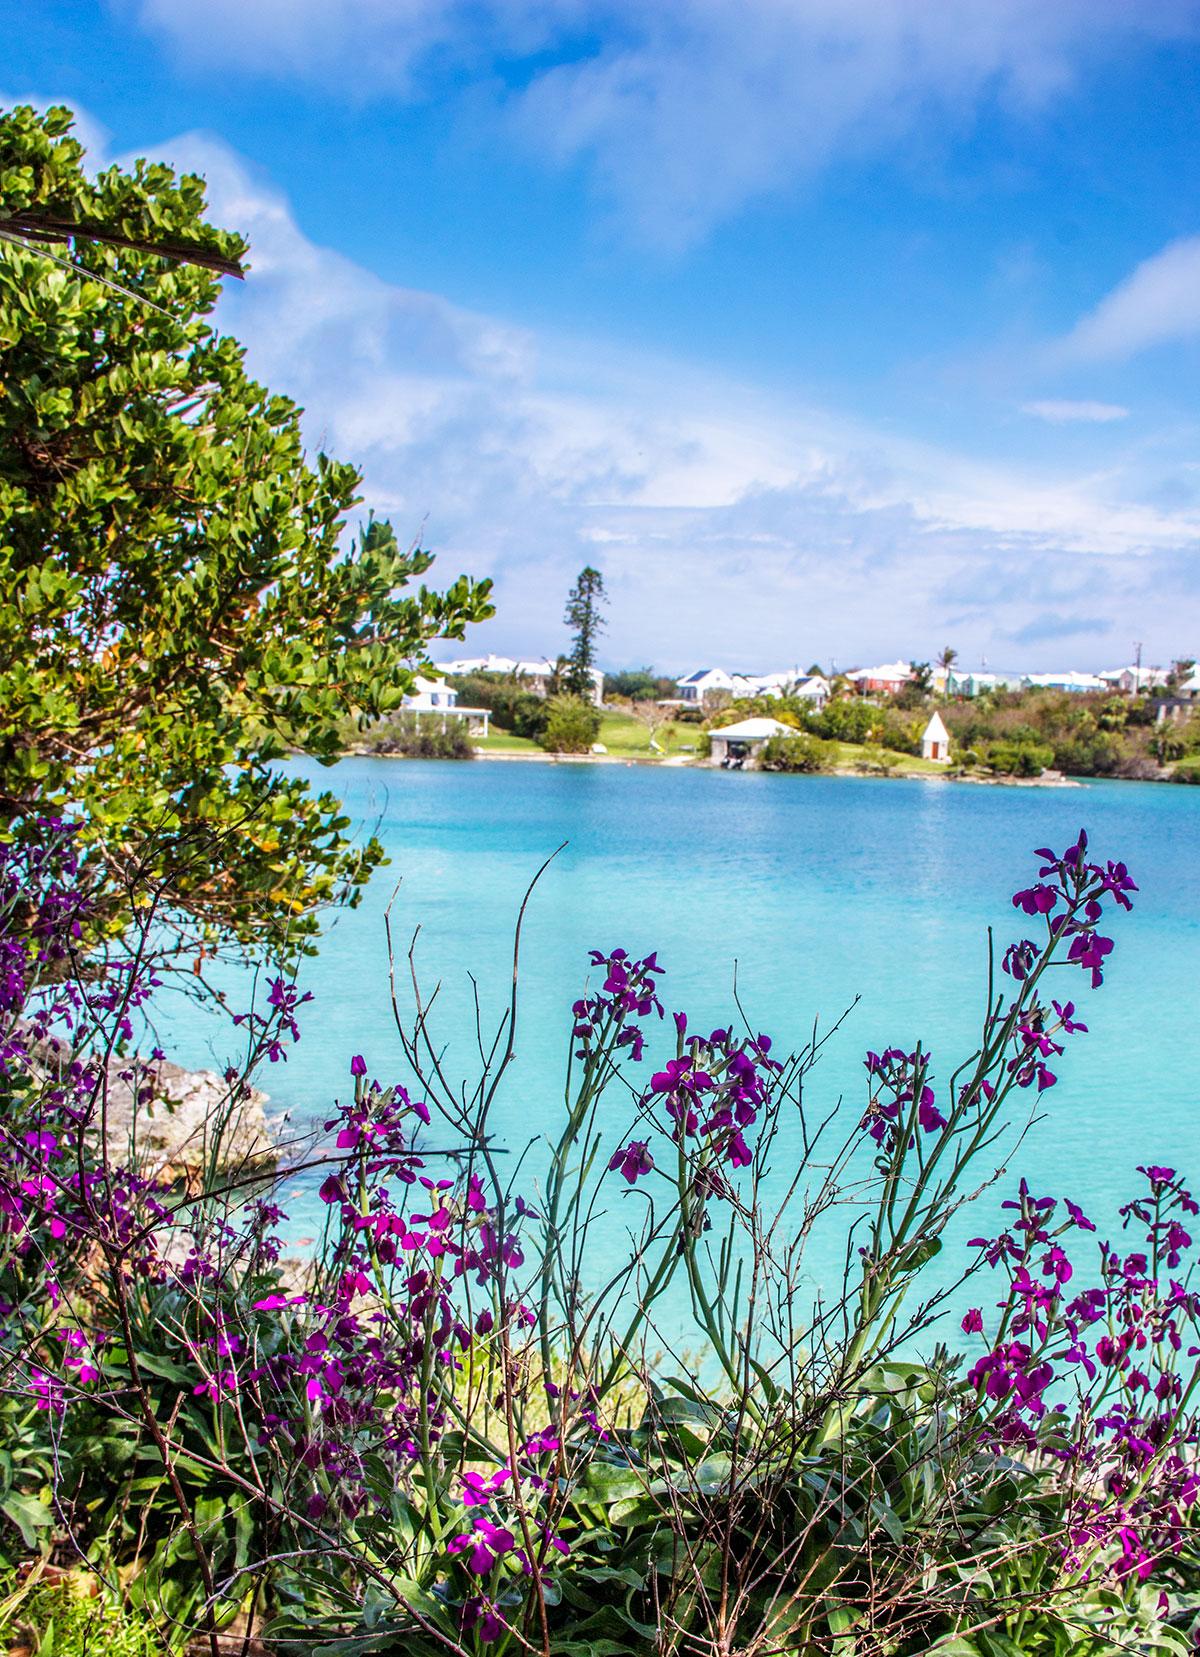 The-View-from-Bermuda-Aquarium